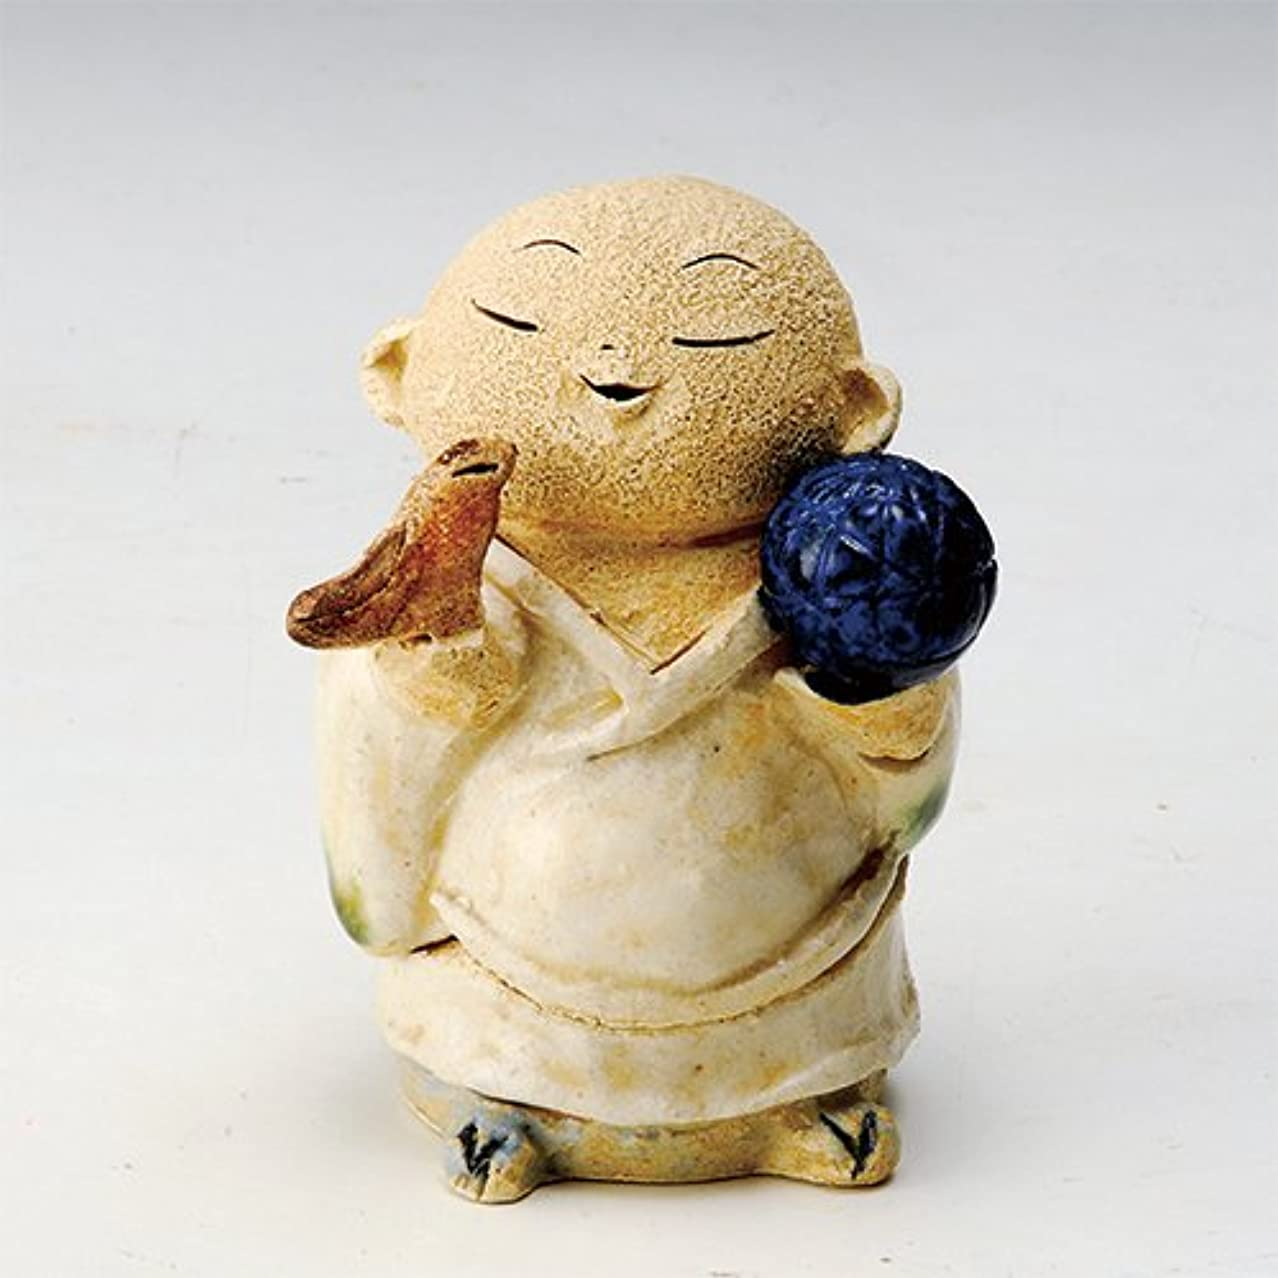 お地蔵様 香炉シリーズ 鳥と毬地蔵 香炉(小) [H10cm] HANDMADE プレゼント ギフト 和食器 かわいい インテリア